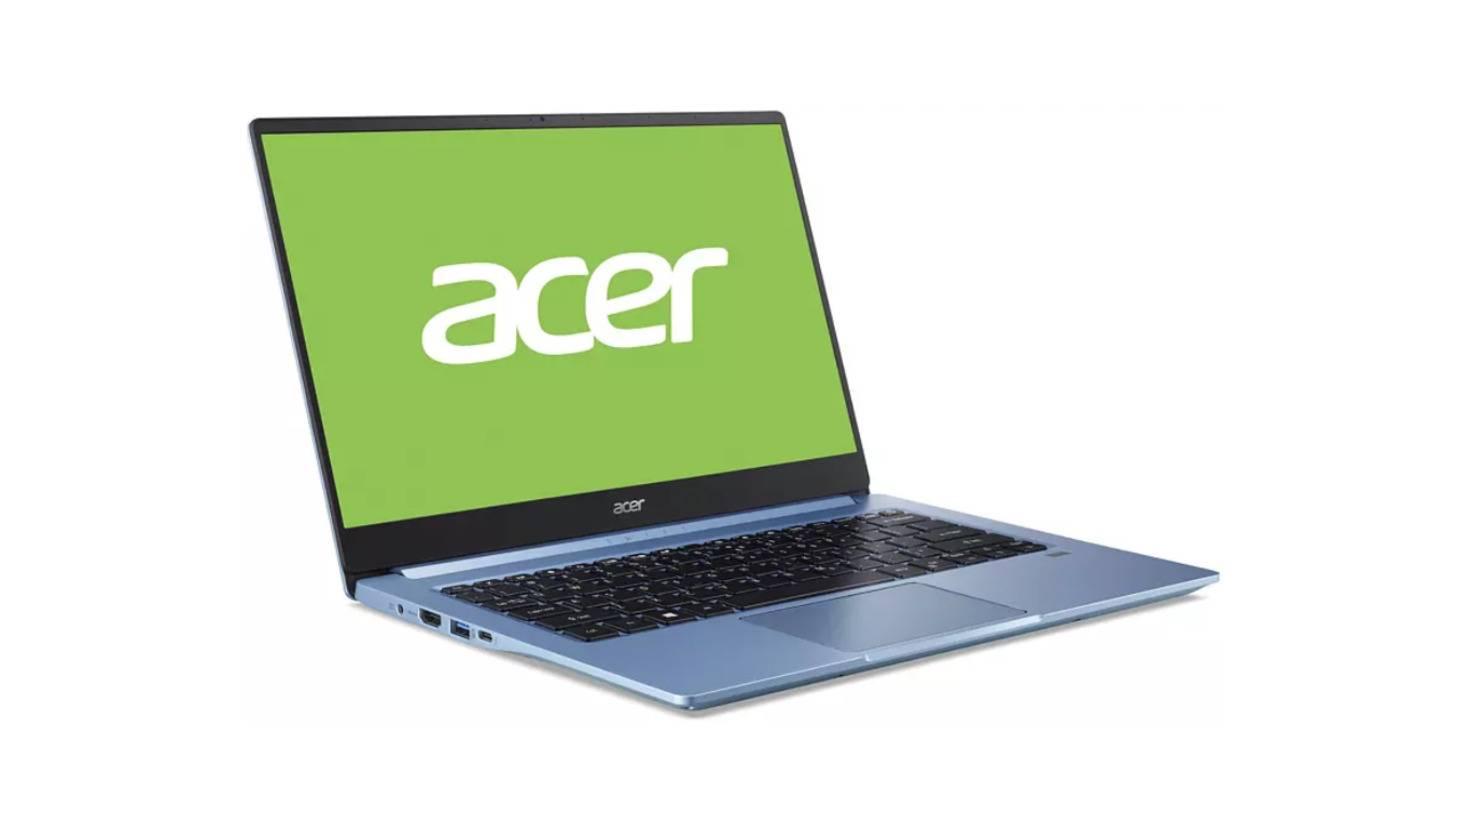 acer-swift-3-laptop-notebook-studenten